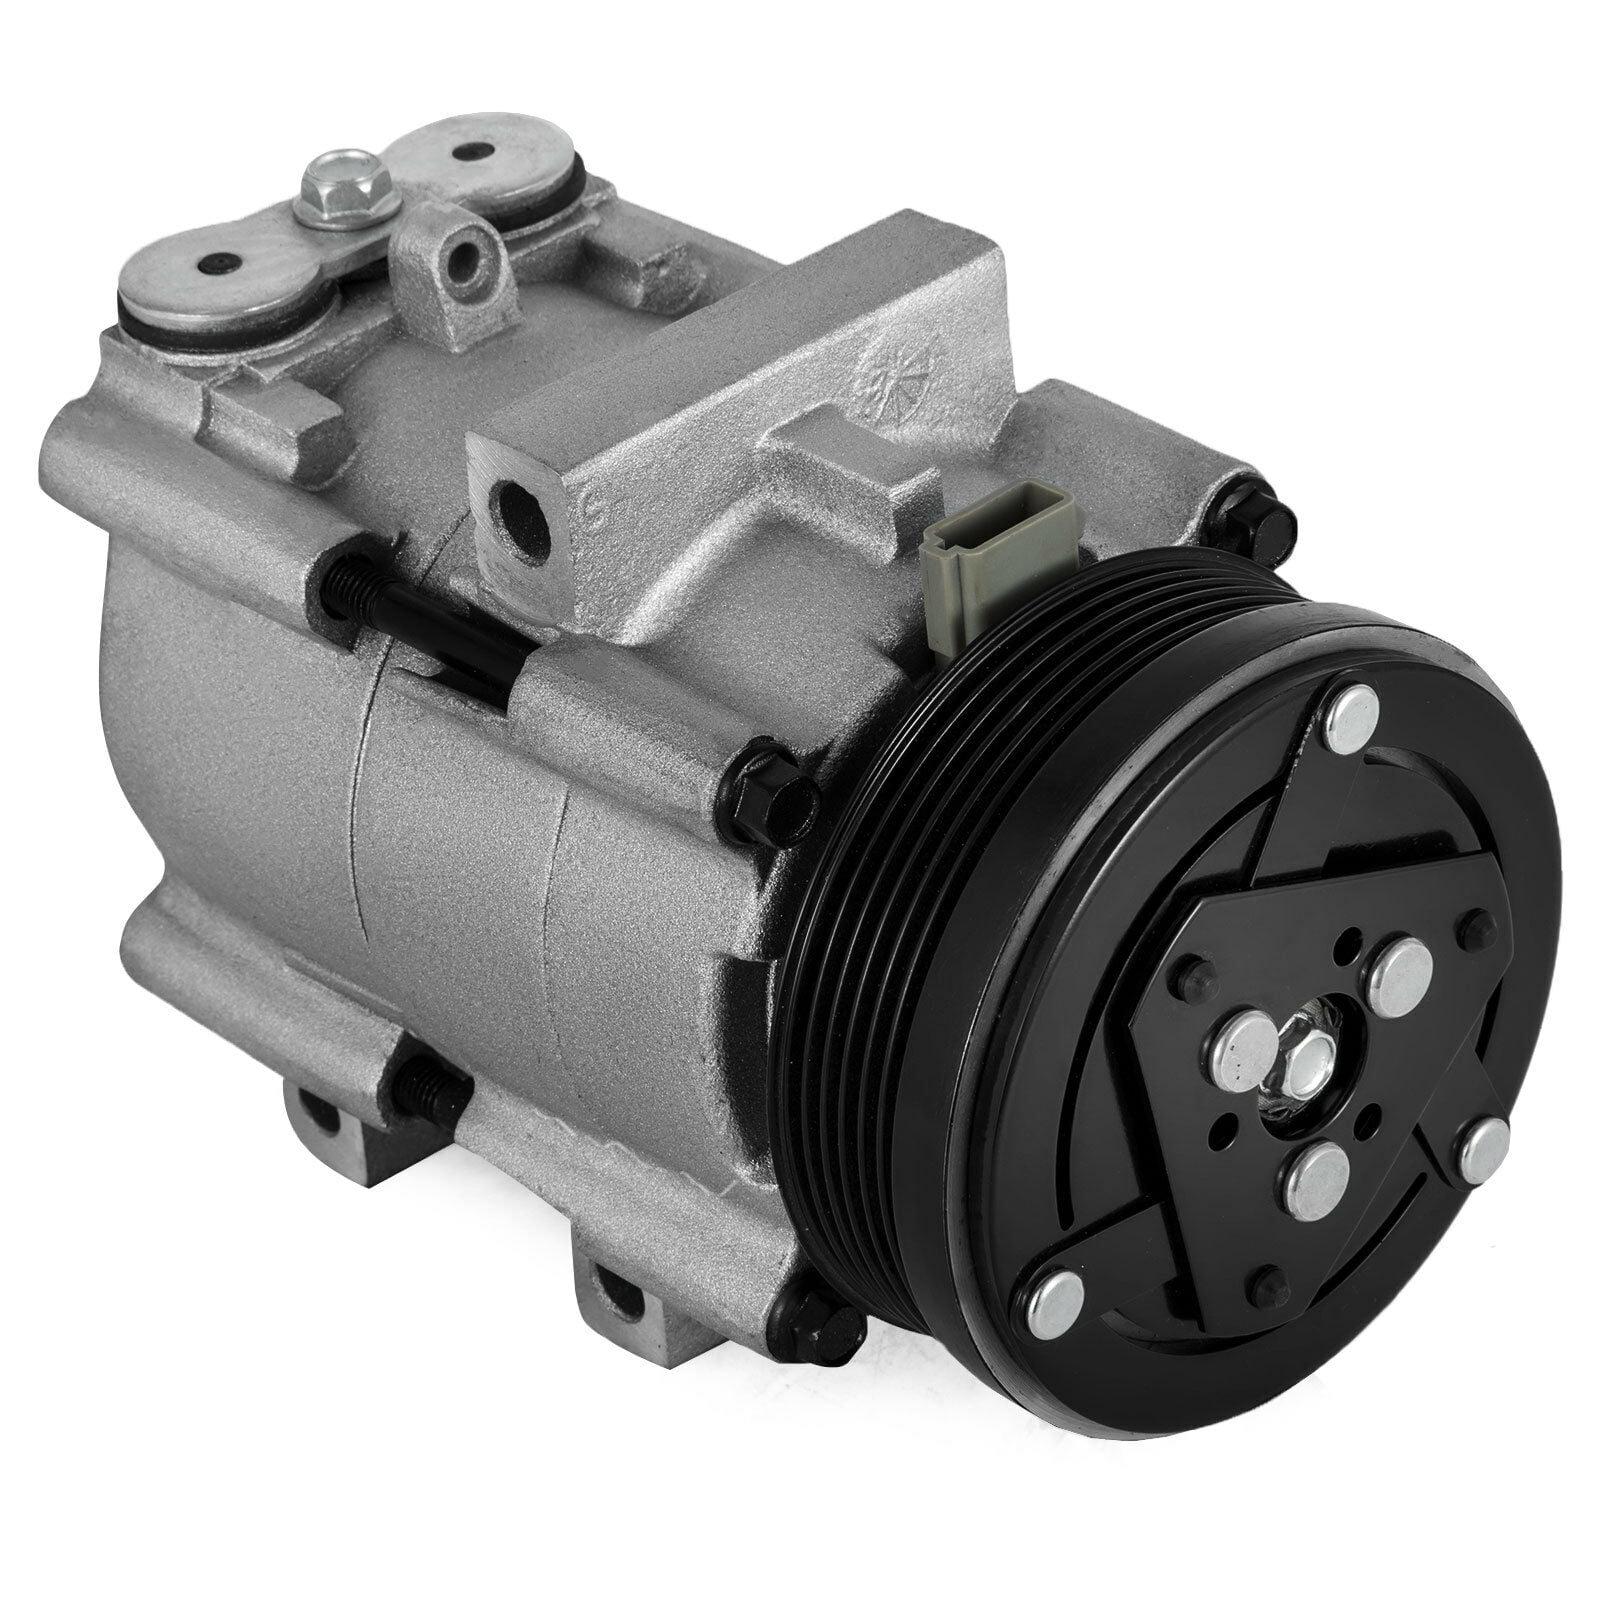 NEW AC Compressor FORD CROWN VICTORIA 1994-2002